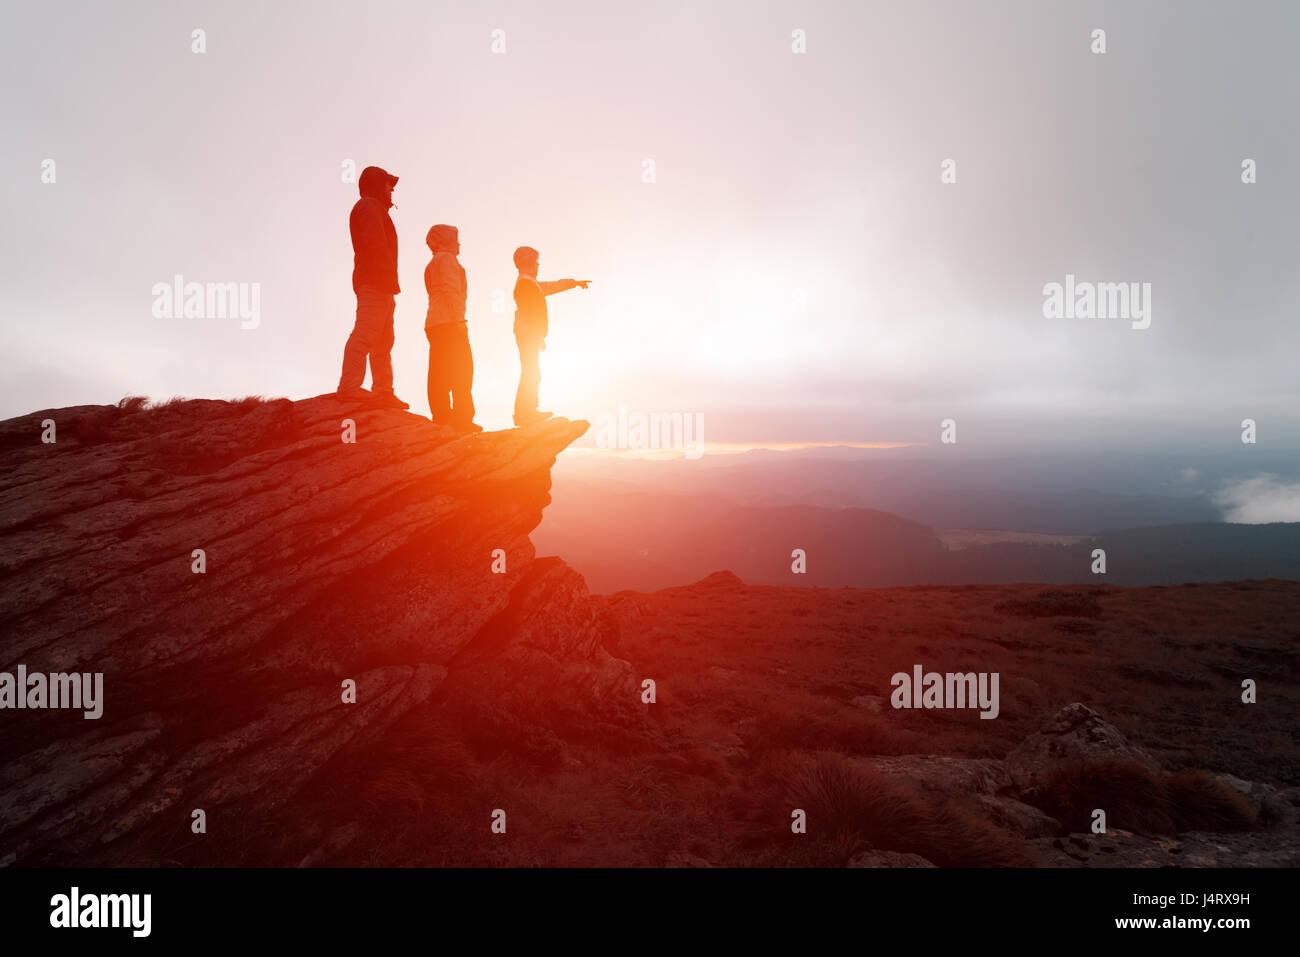 Famiglia di turisti che soggiornano sul bordo della scogliera contro lo sfondo di un incredibile paesaggio di montagna. Immagini Stock